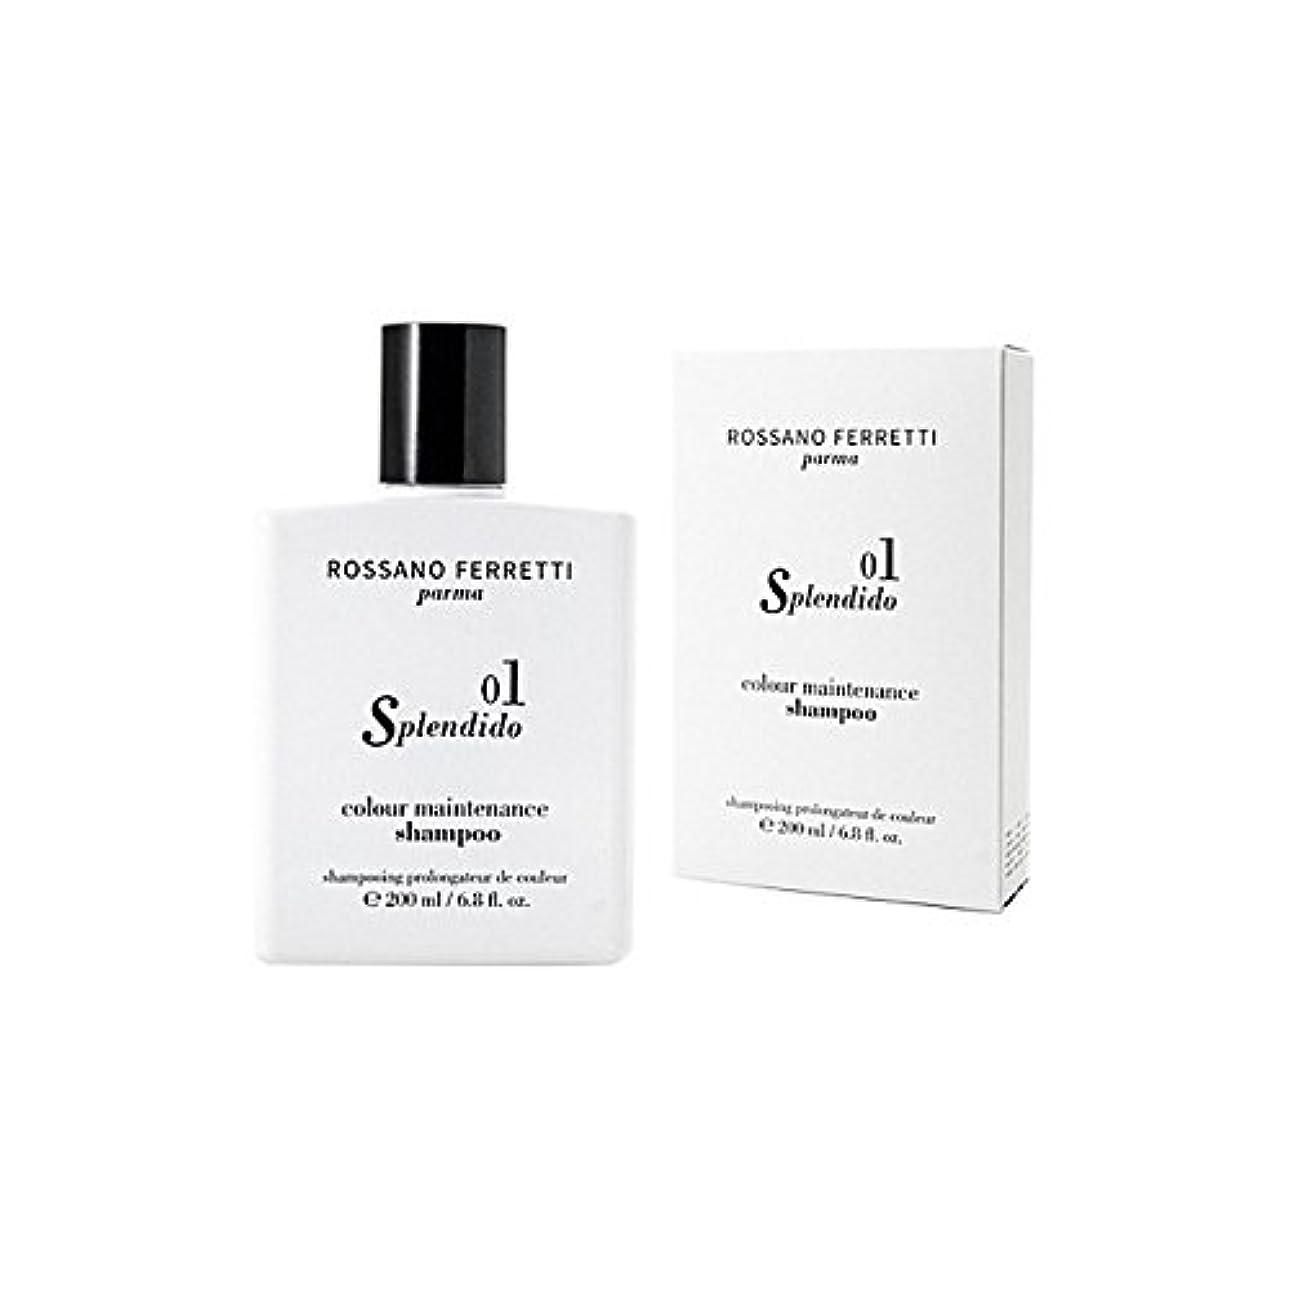 穀物浸漬どれRossano Ferretti Parma Splendido Colour Maintenance Shampoo 200ml (Pack of 6) - ロッサノフェレッティパルマスプレンディードカラーメンテナンスシャンプー200ミリリットル x6 [並行輸入品]